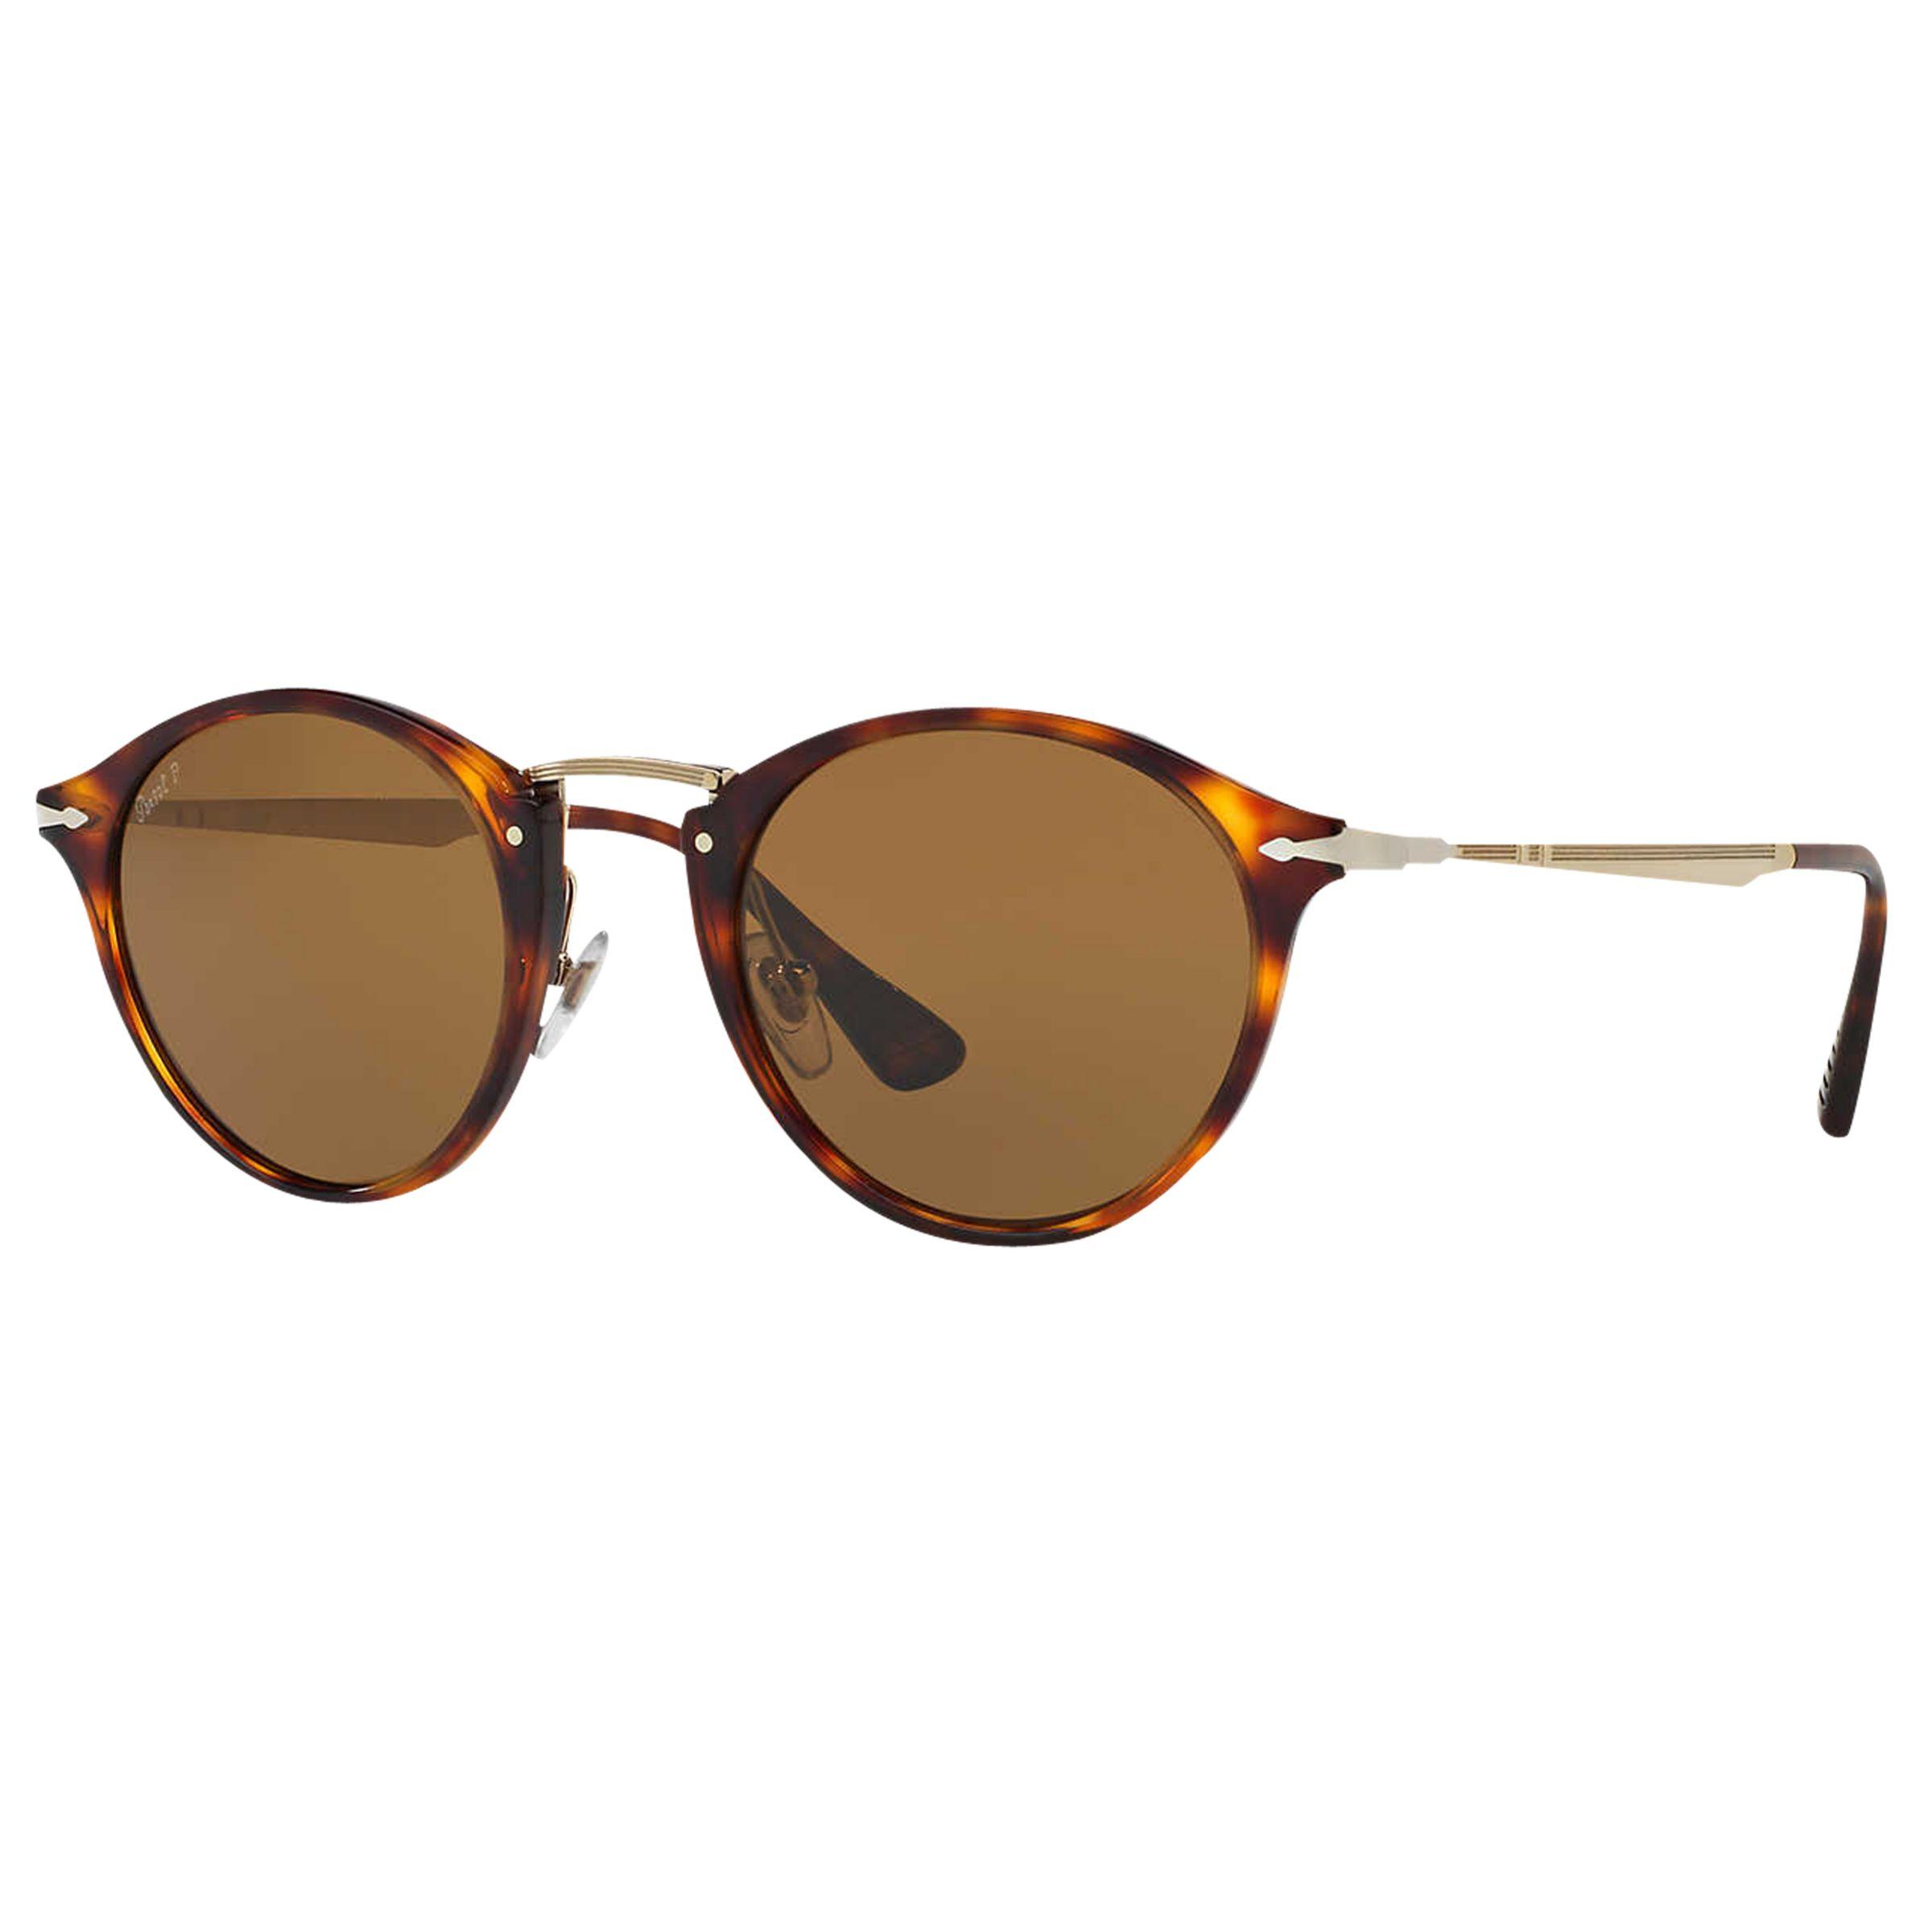 Persol Persol PO3166S Calligrapher Edition Polarised Oval Sunglasses